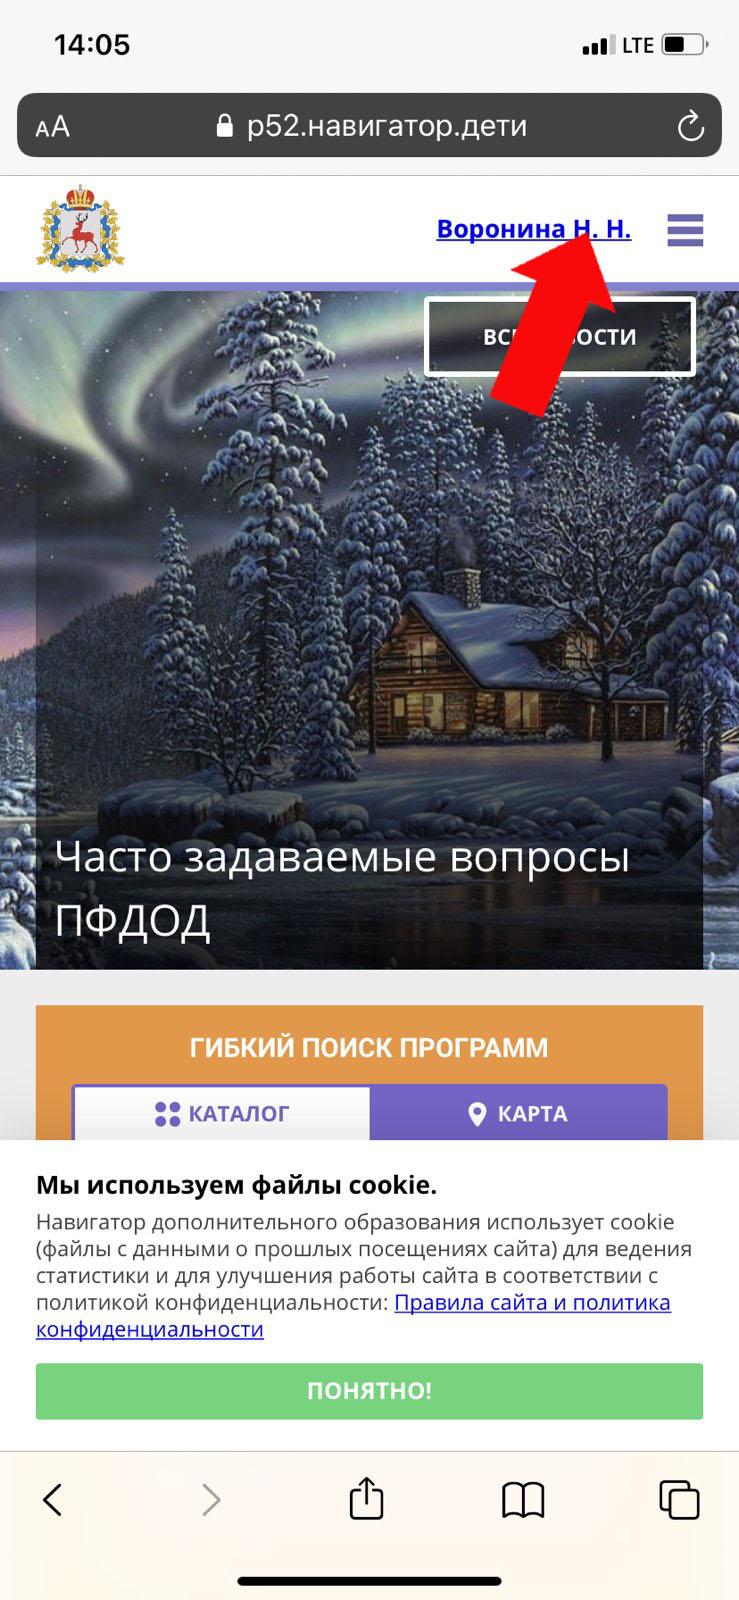 http://cdt-leninskii.ucoz.net/ART-DESIGN/shag_3.jpg